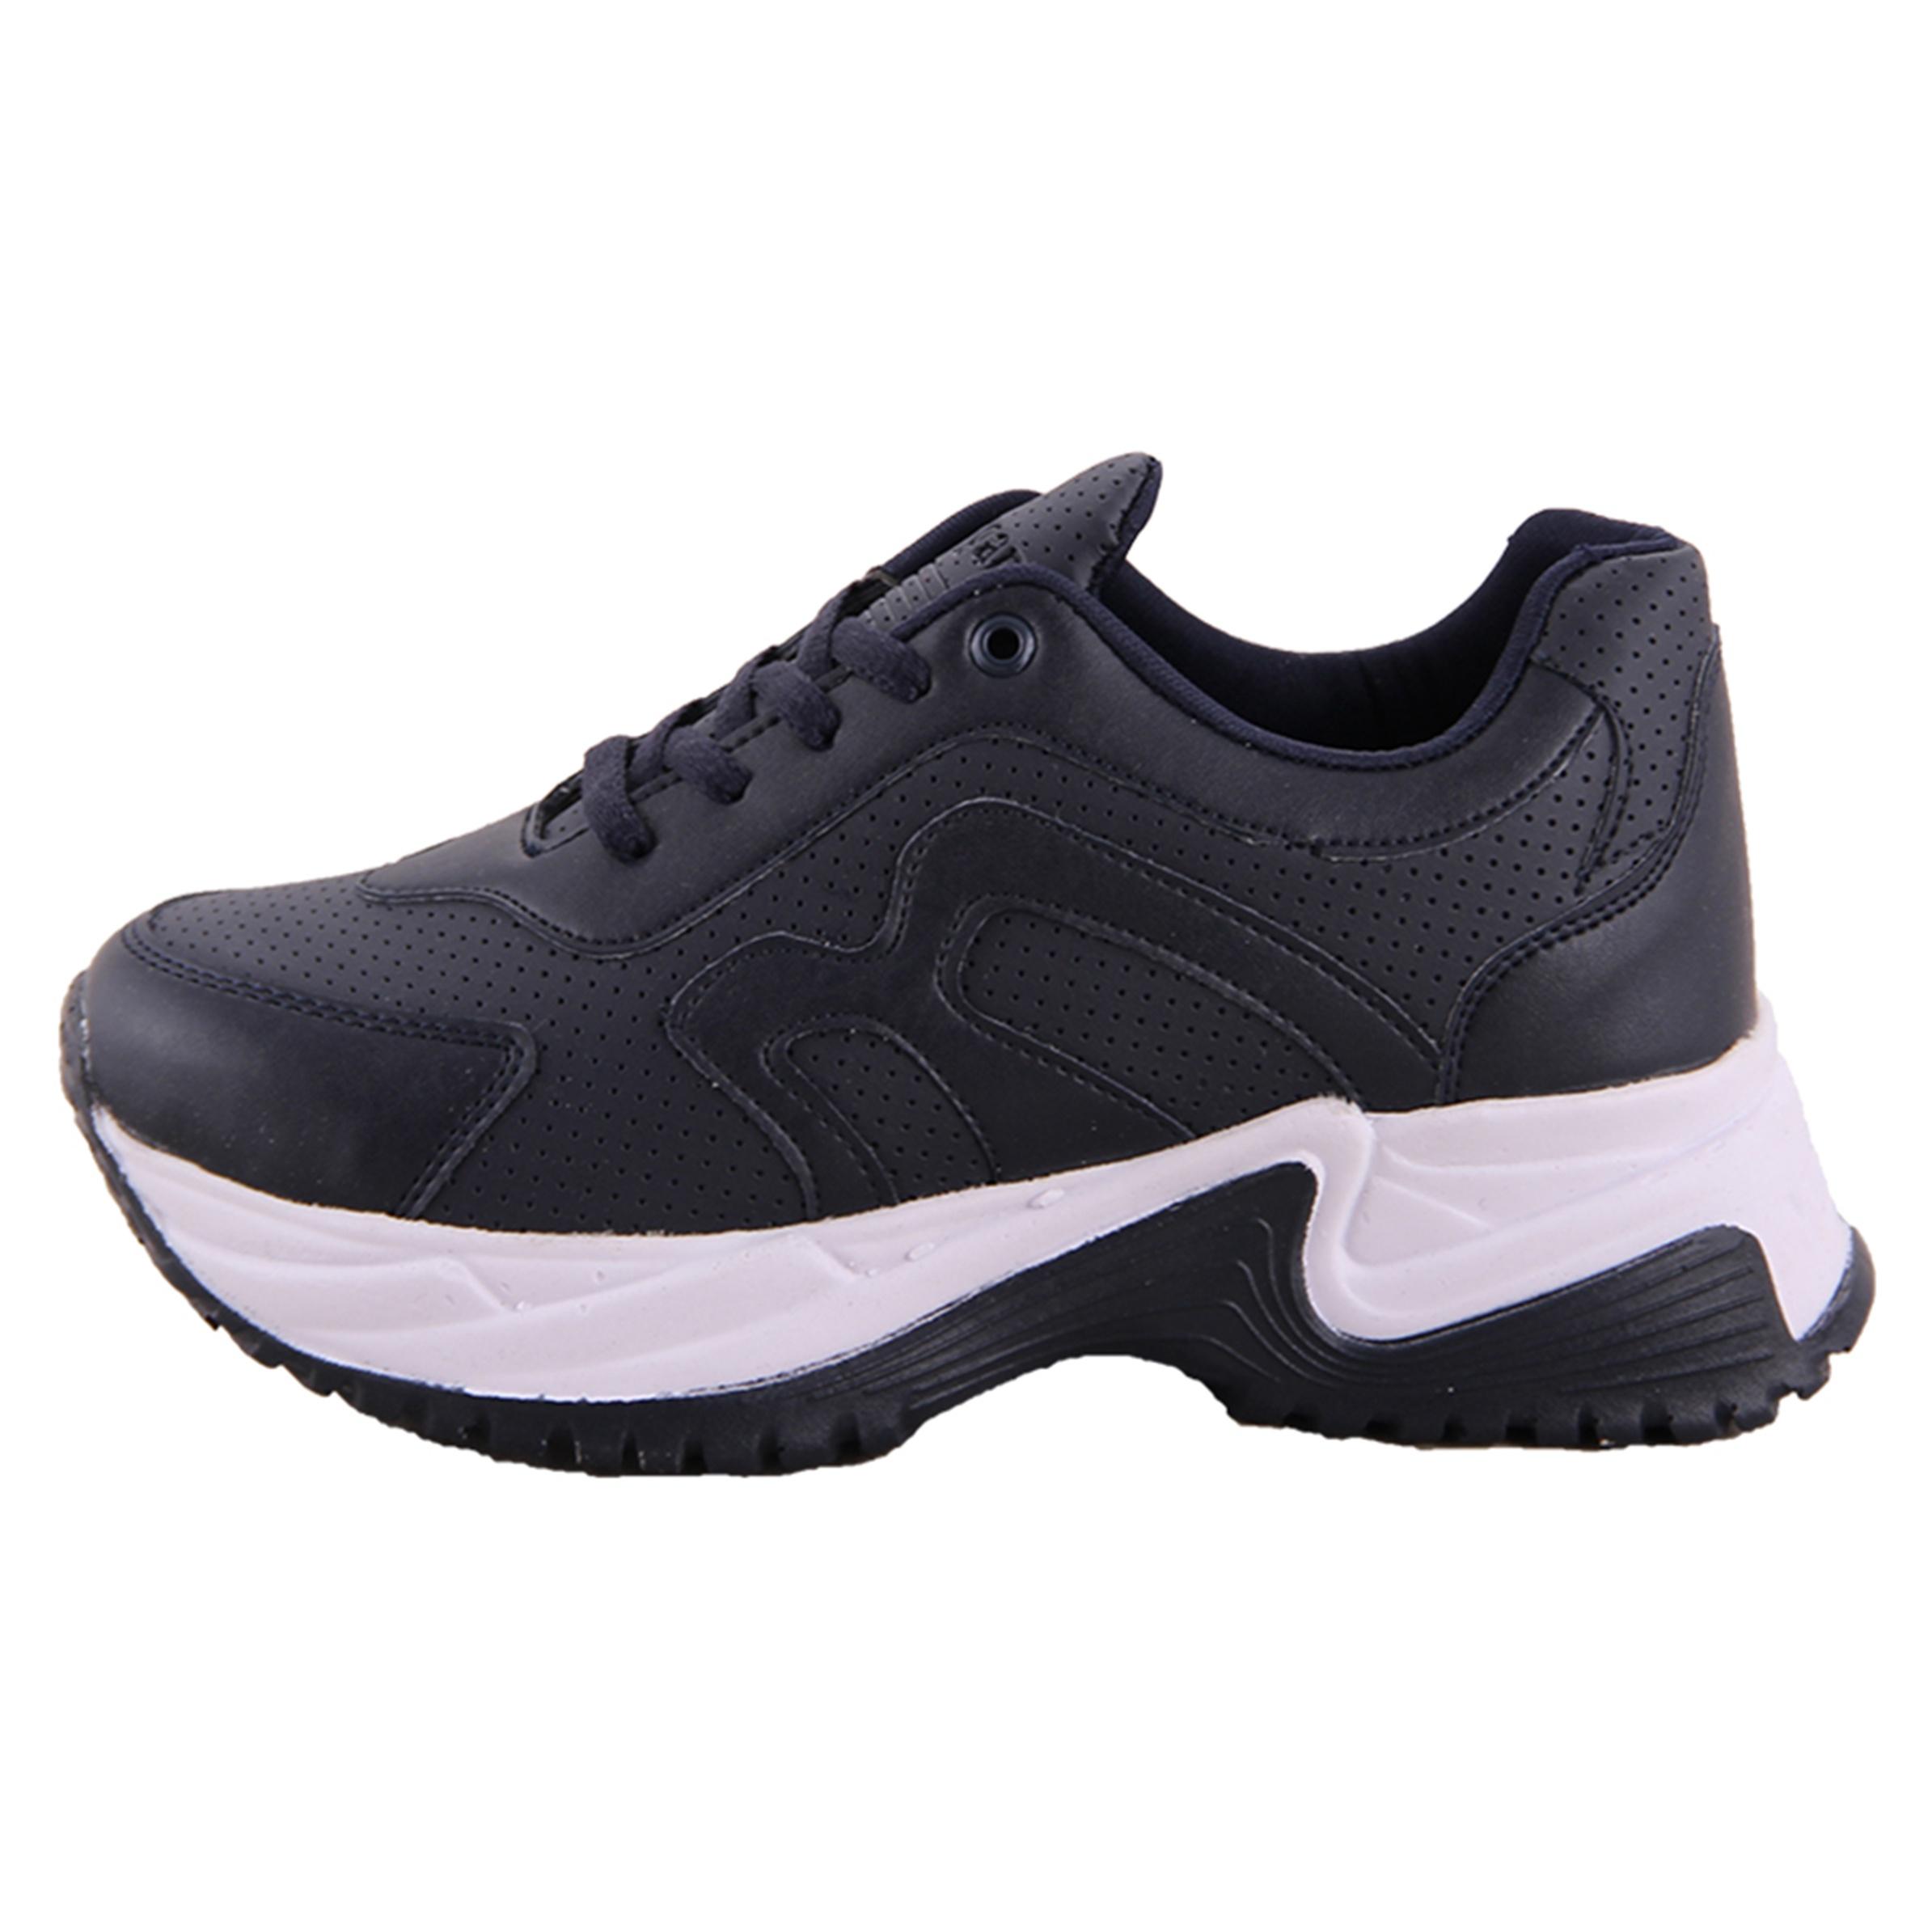 کفش مخصوص پیاده روی زنانه کد 13-2397980